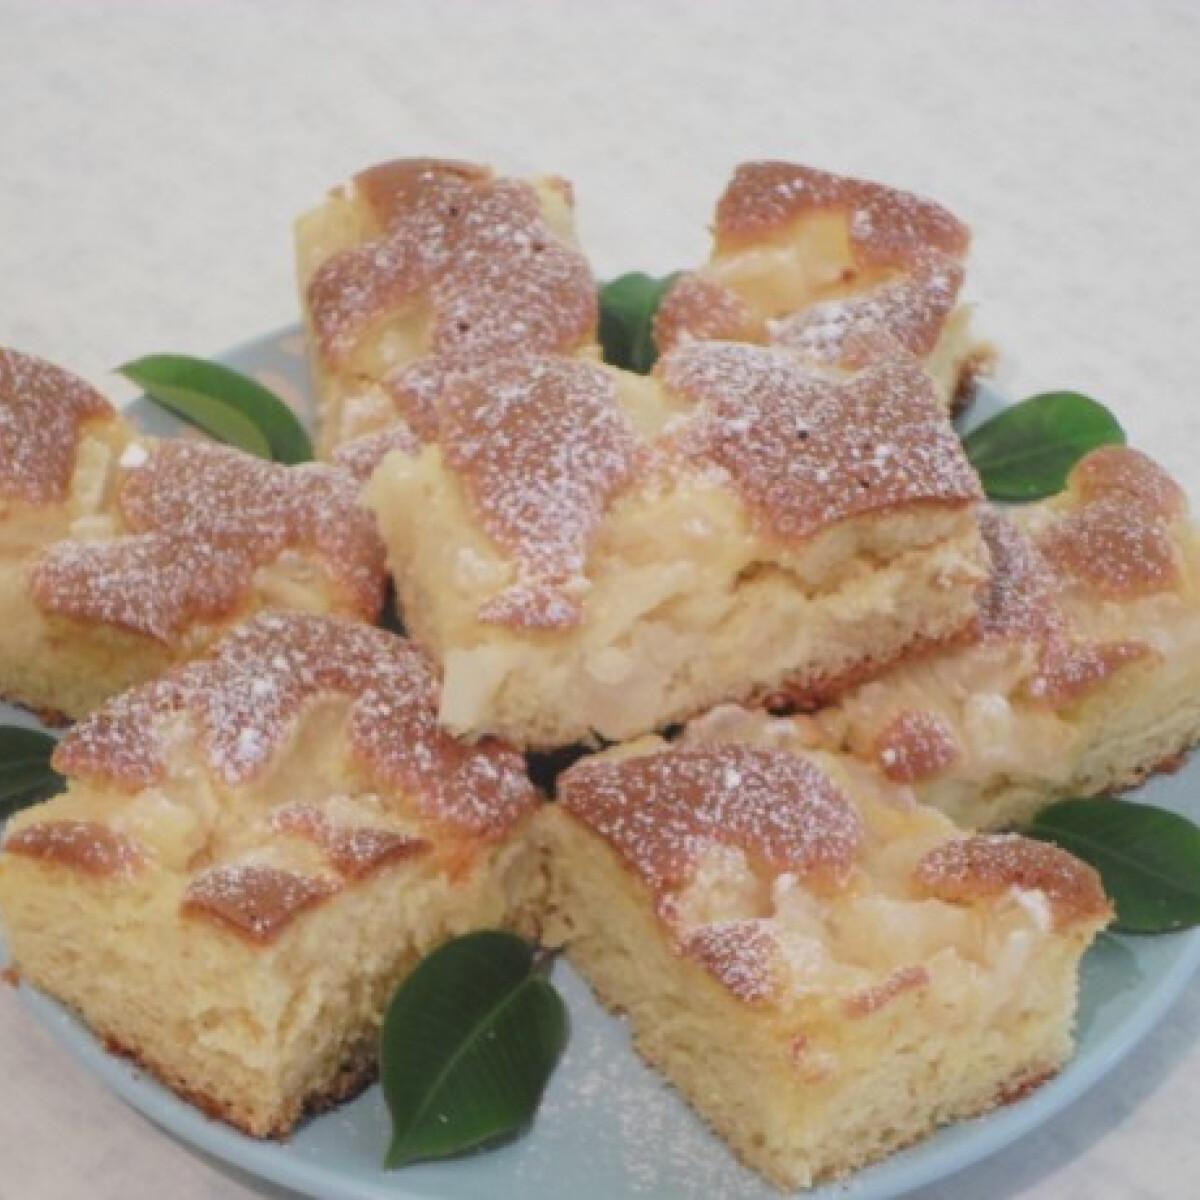 Ezen a képen: Ananászos kevert süti